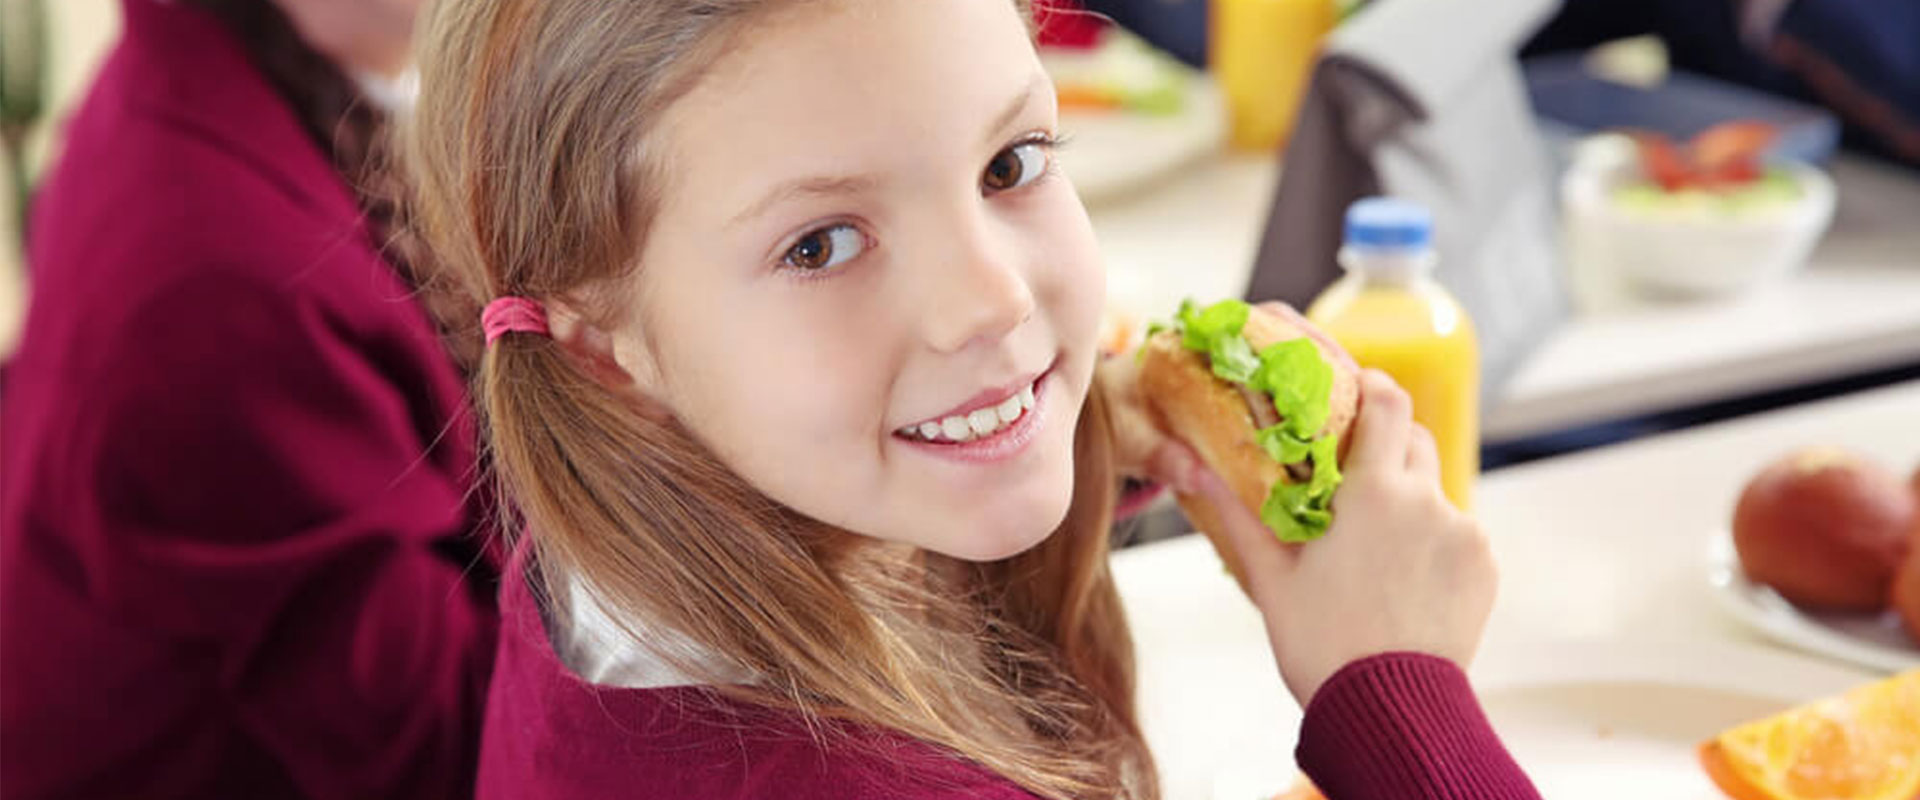 Tek Yönlü Beslenme Sağlığı Nasıl Etkiler